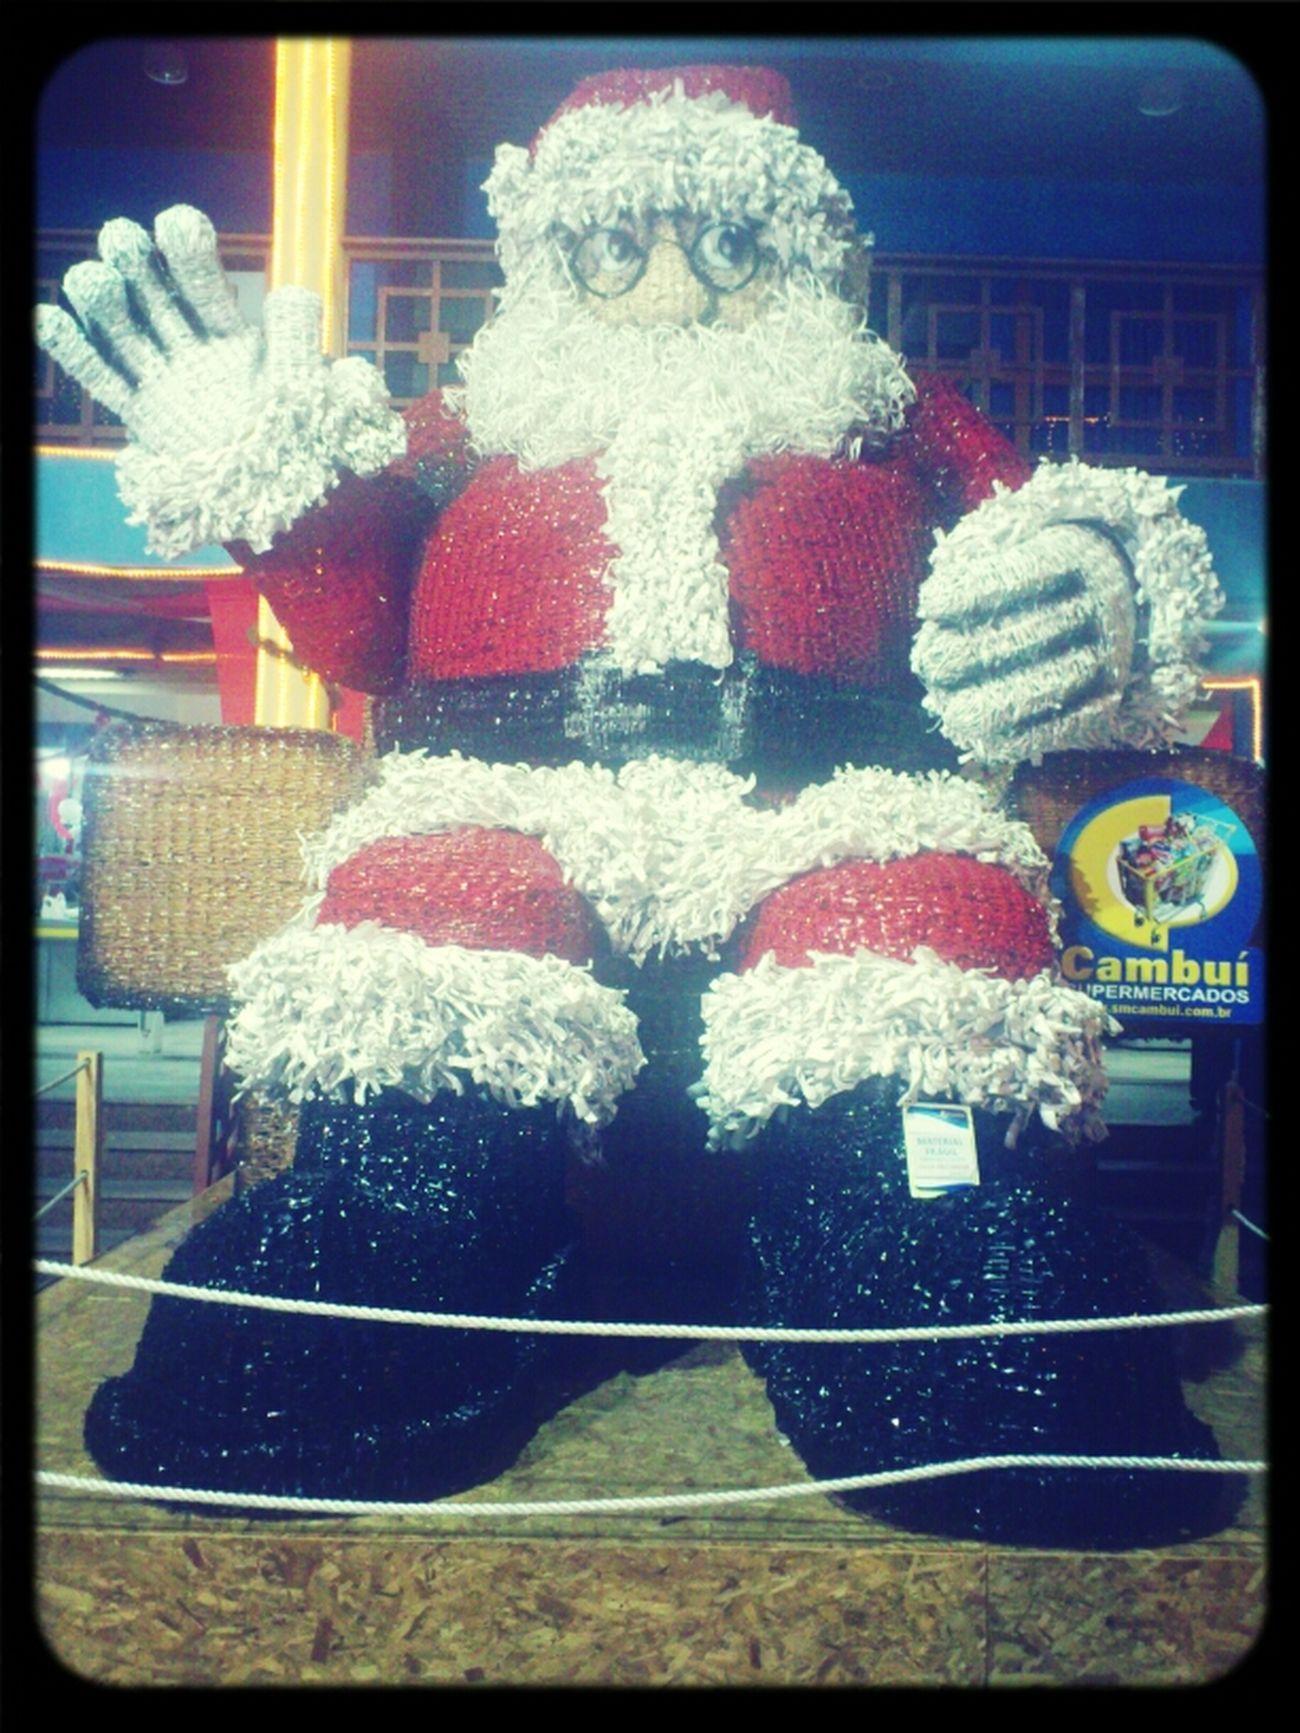 Realmente tá lindo esse Papai Noel de pet do Cambuí!